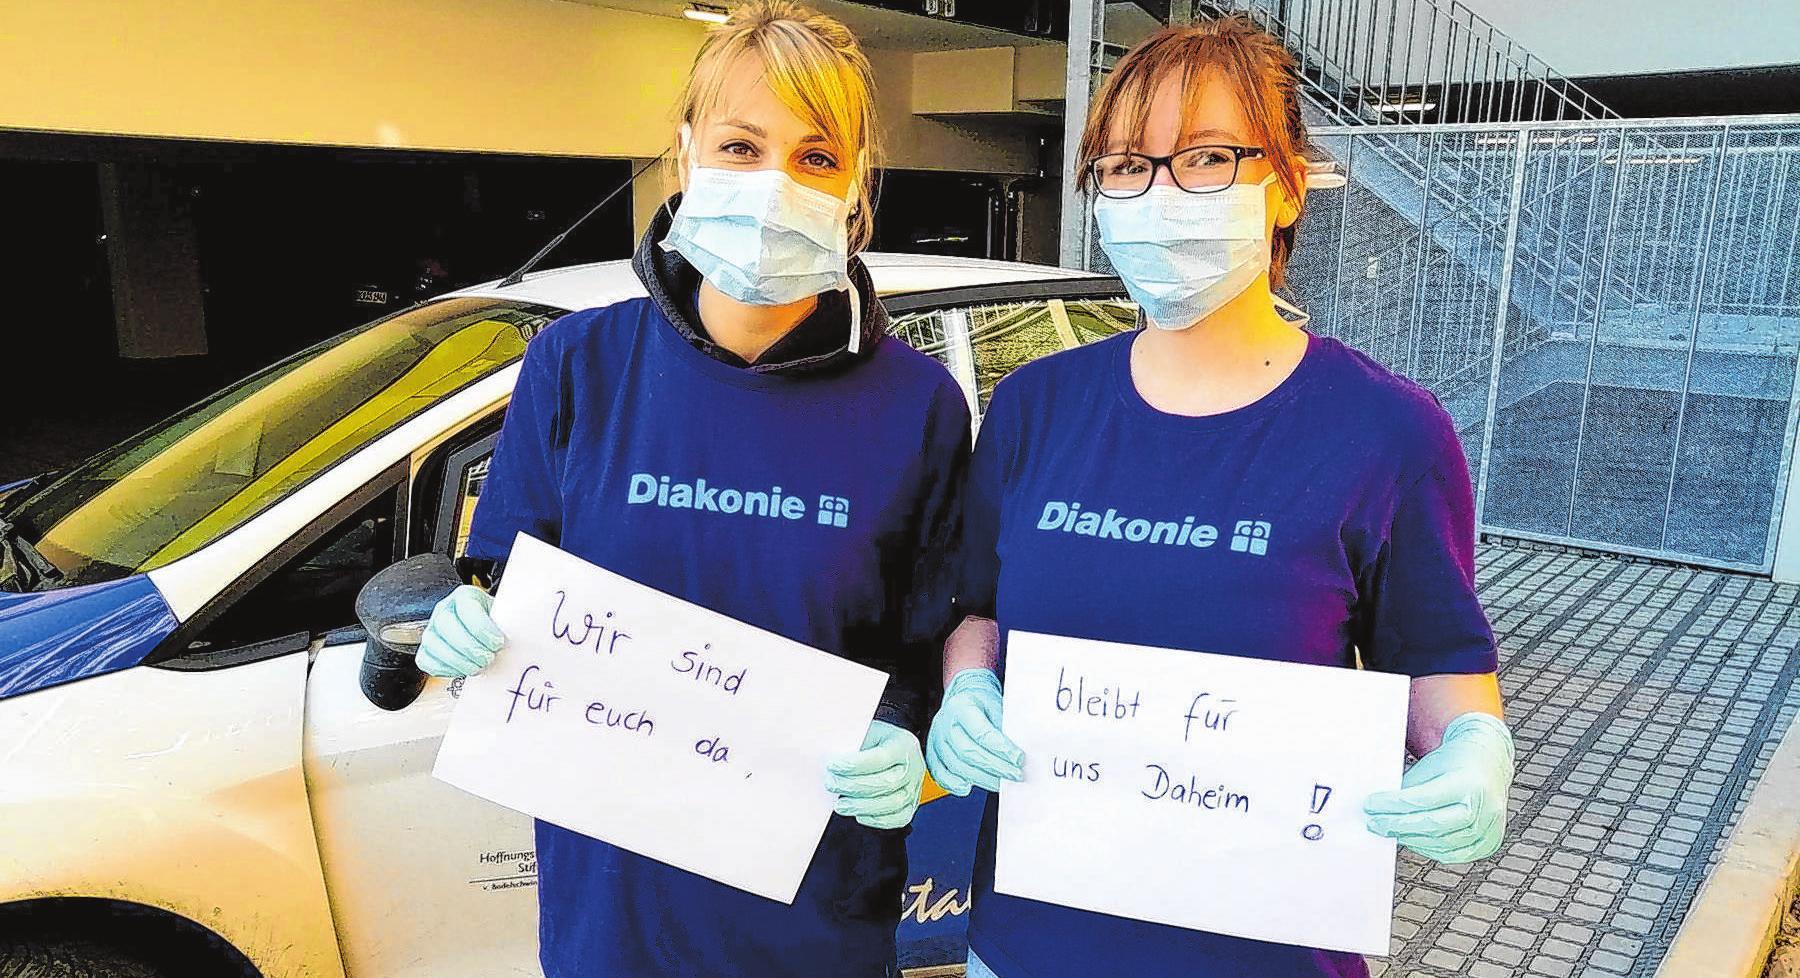 In Krisenzeiten ebenso zuverlässig: Pflegefachkräfte, wie Schwester Josephine mit ihrer Kollegin Jessi, betreuen ihre Patienten auch in Zeiten der Corona-Krise. Foto: Archiv/moz